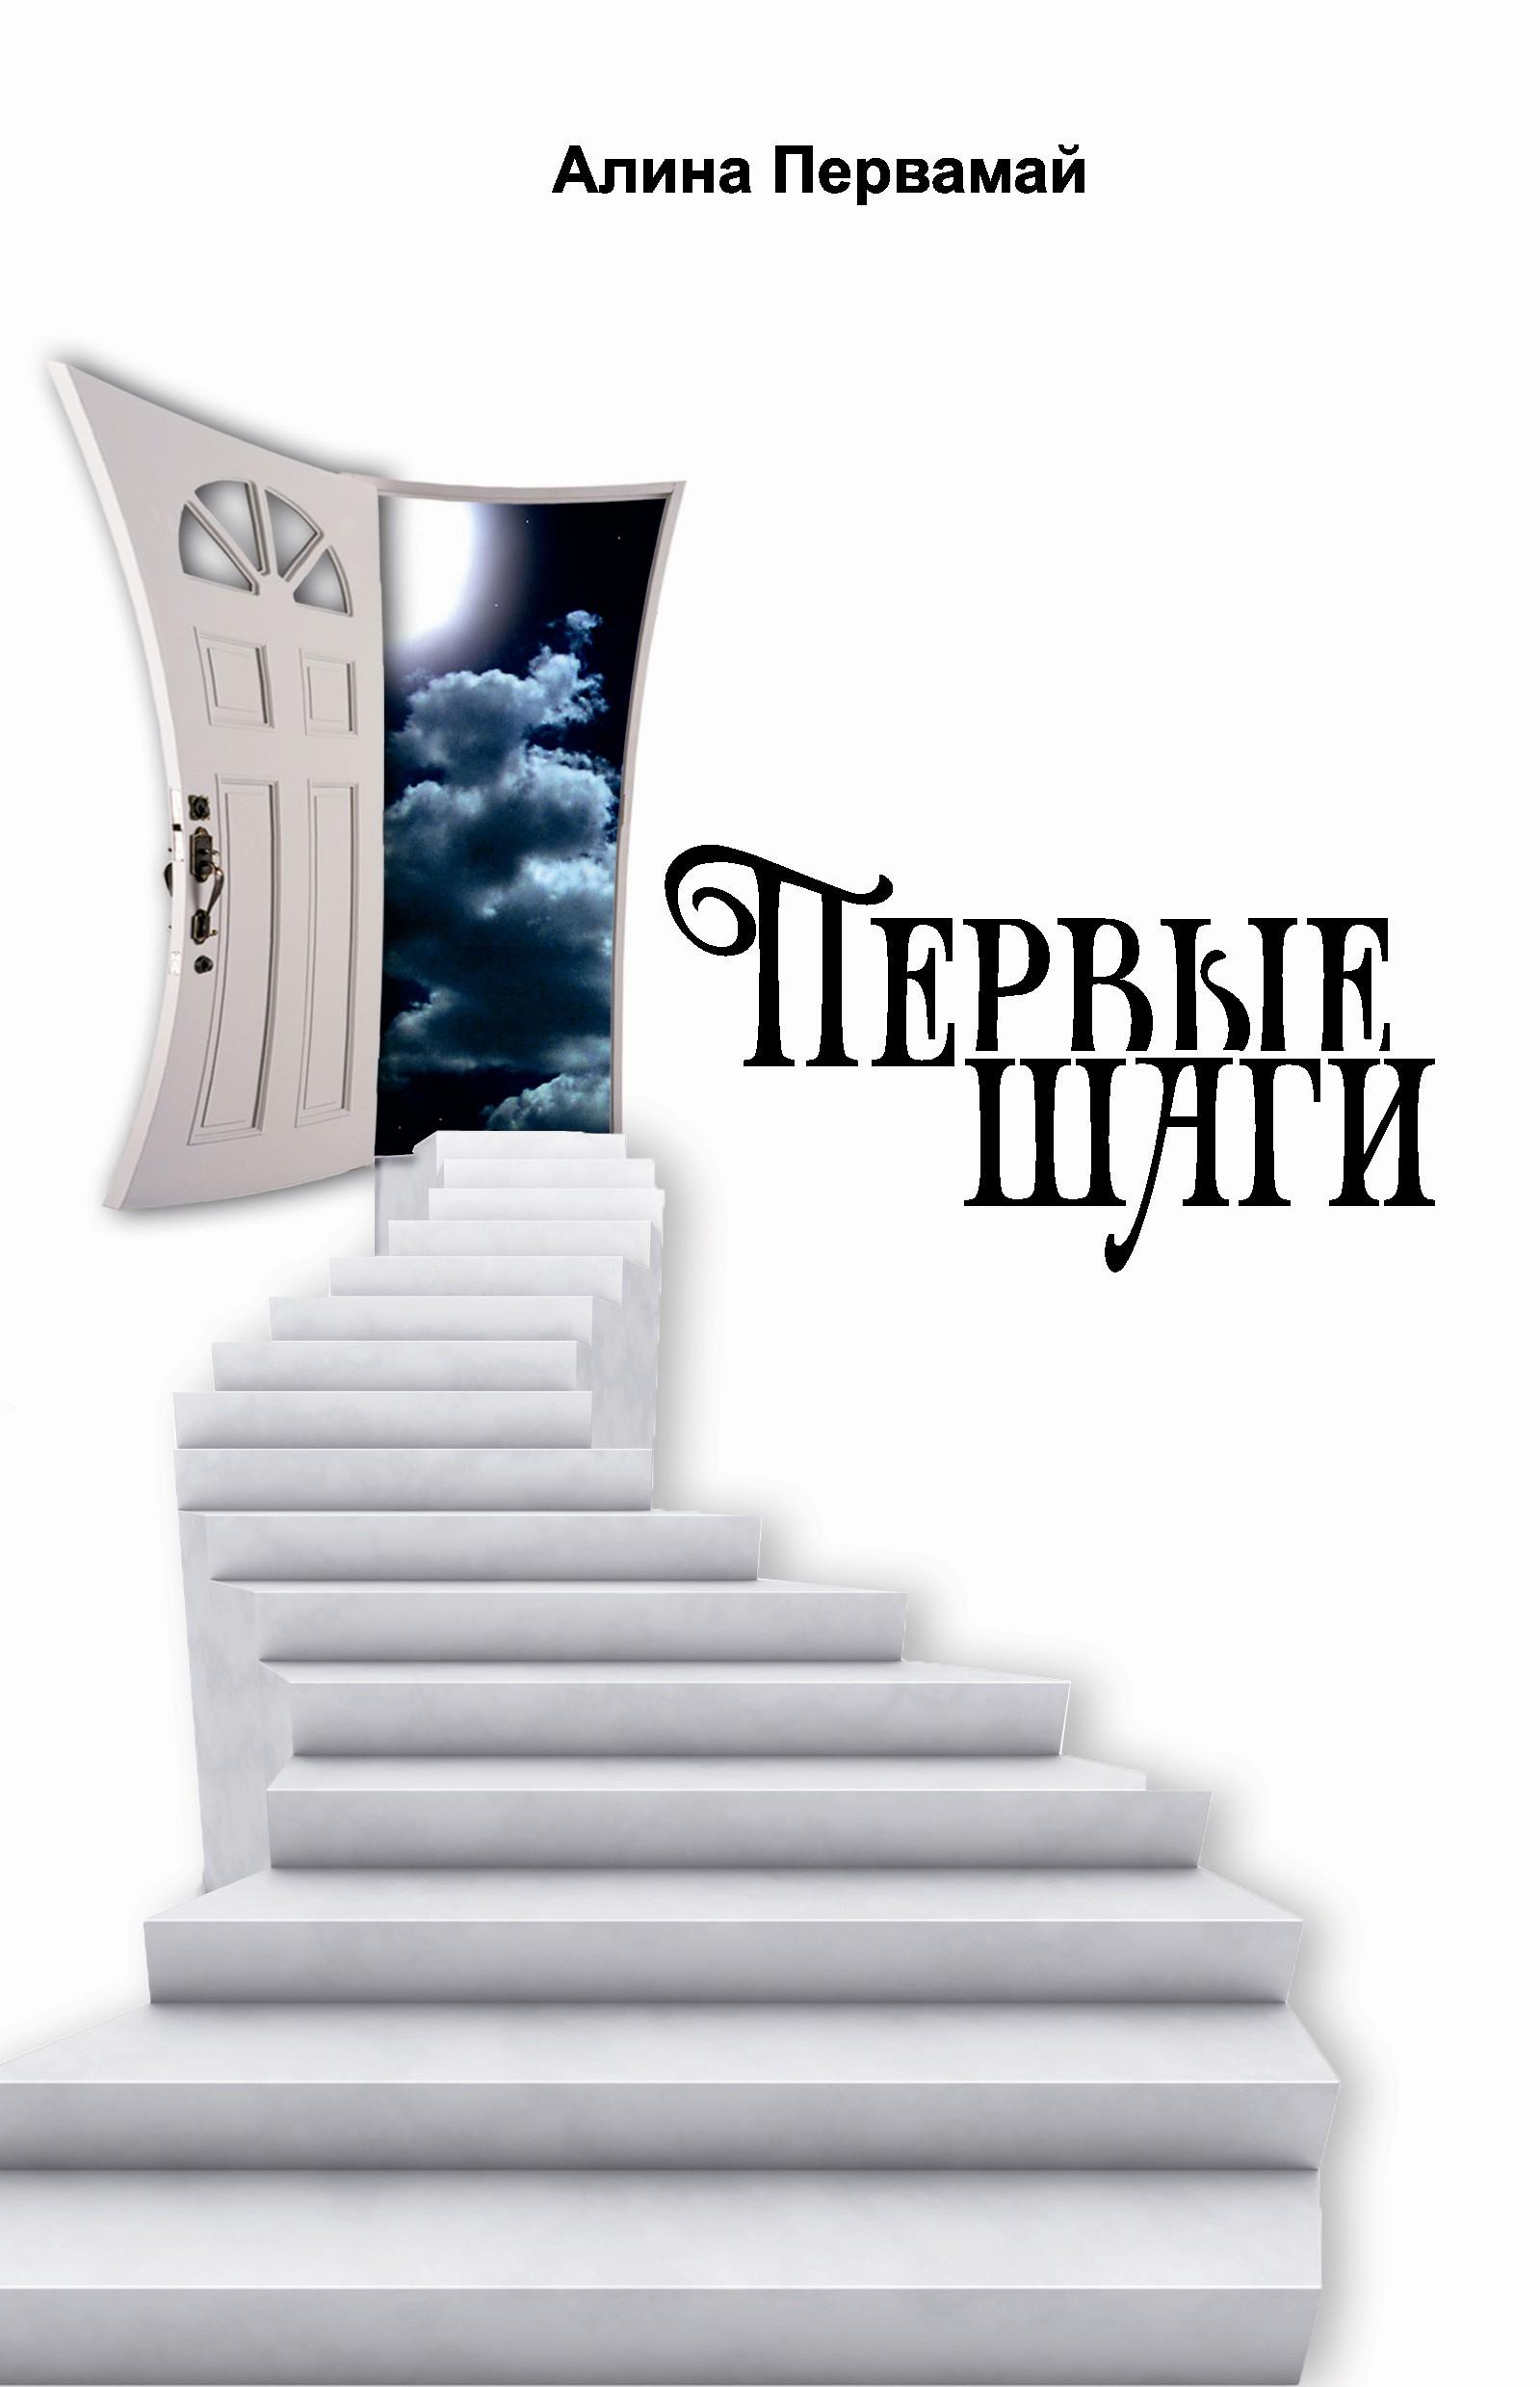 Алина Первамай Первые шаги (сборник) вероника рот 12 новых историй о настоящей любви сборник